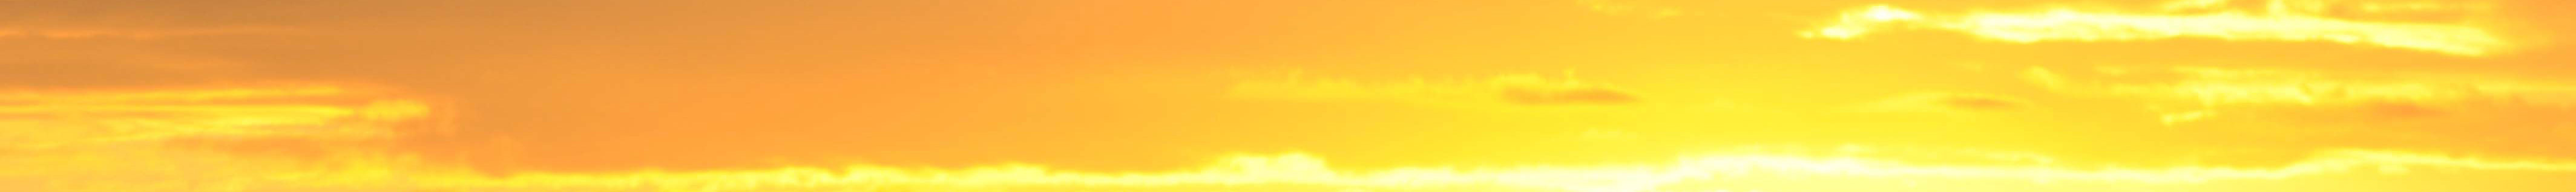 orange_stribe